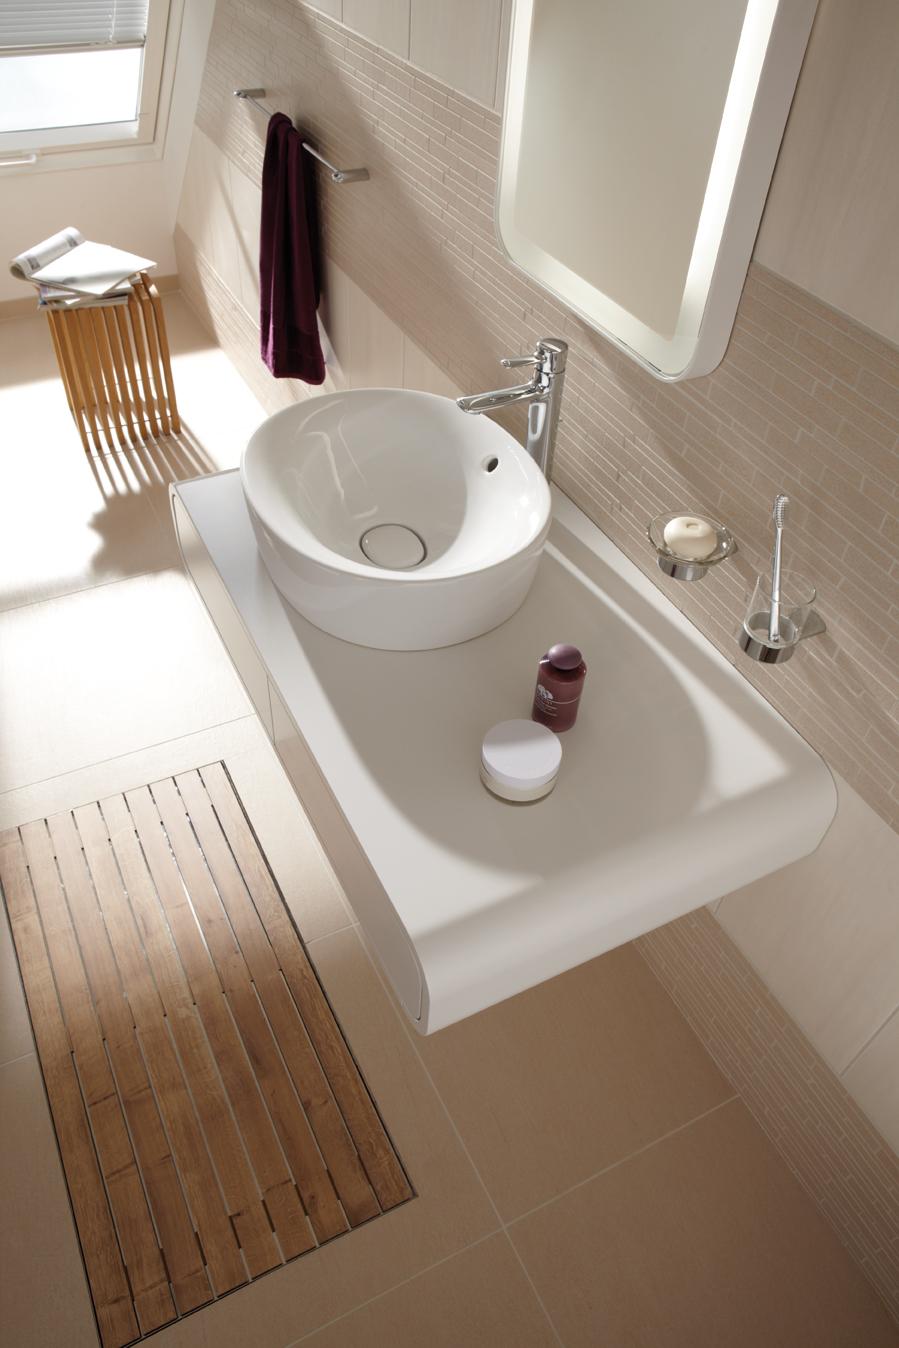 accessoires maken de badkamer kompleet nieuws startpagina voor